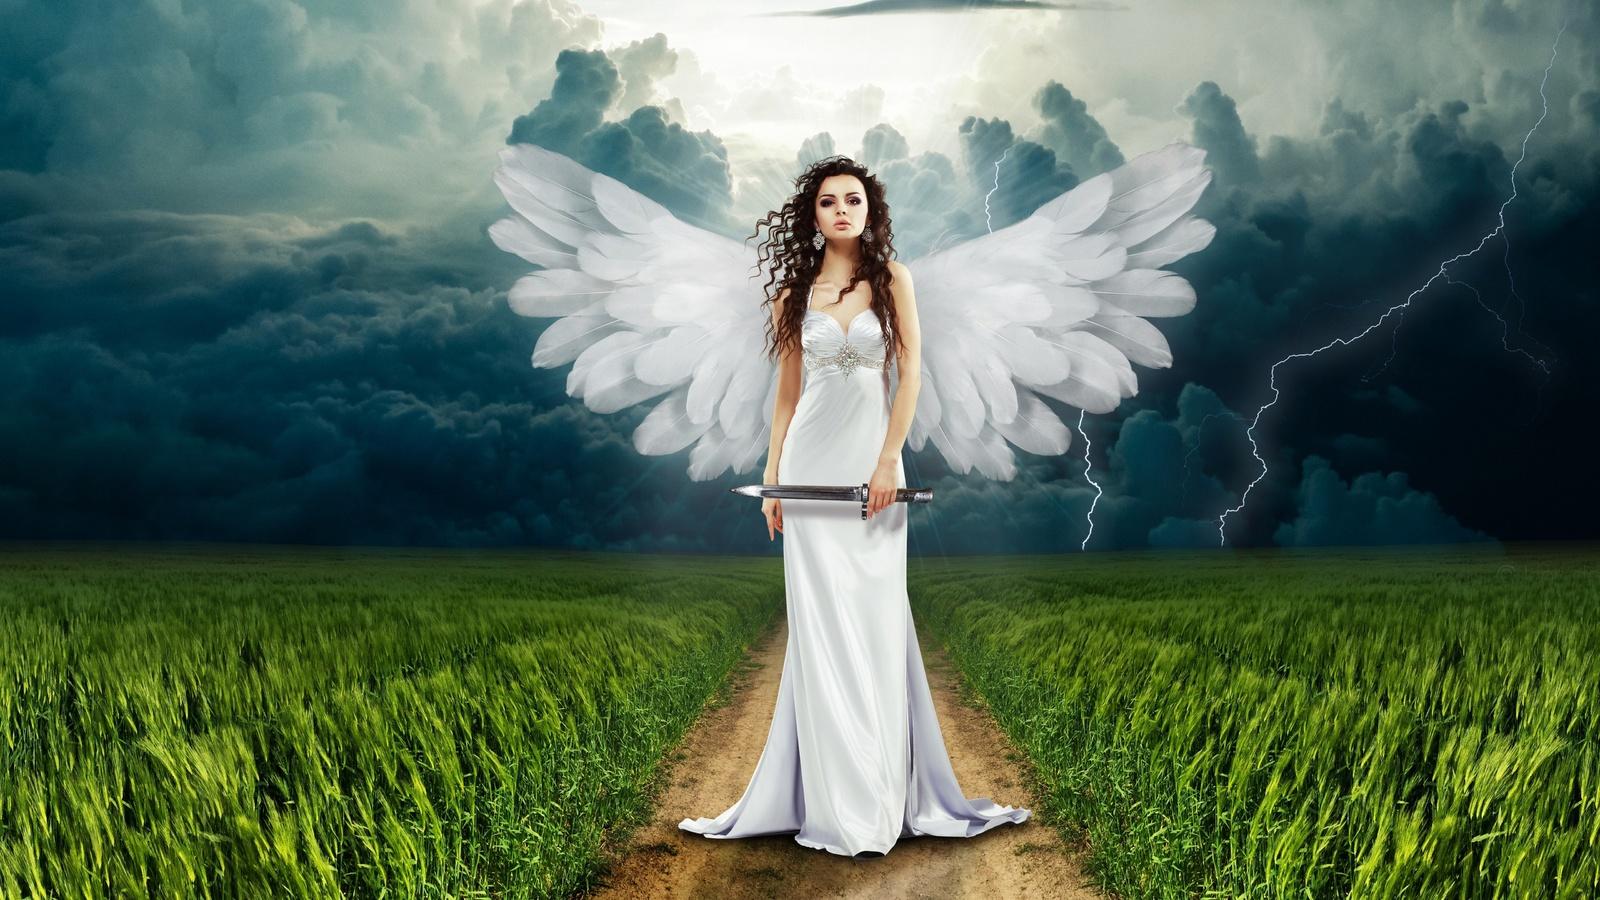 Ангелы девушки картинки красивые, пожеланием